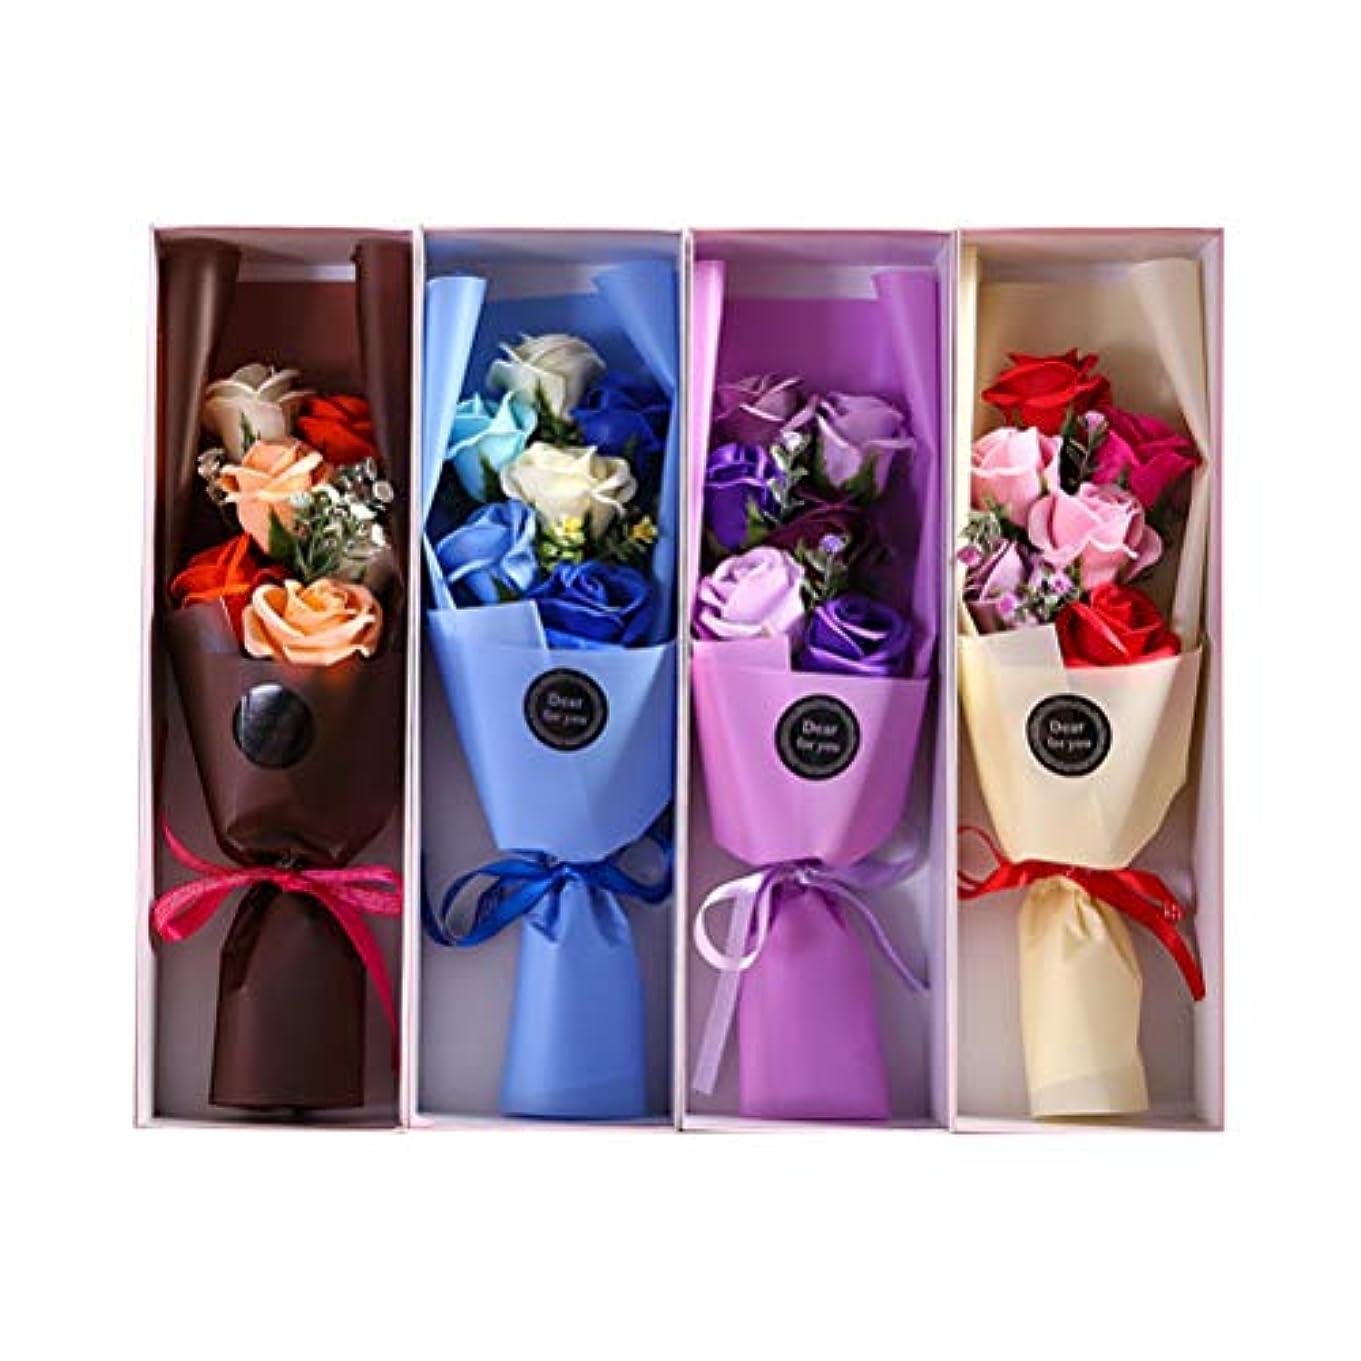 二層歯車語BESTOYARD 6PCS石鹸の花びら人工石鹸の花のバラのギフトボックスカップルバレンタインデーのプレゼント(ランダムカラー)